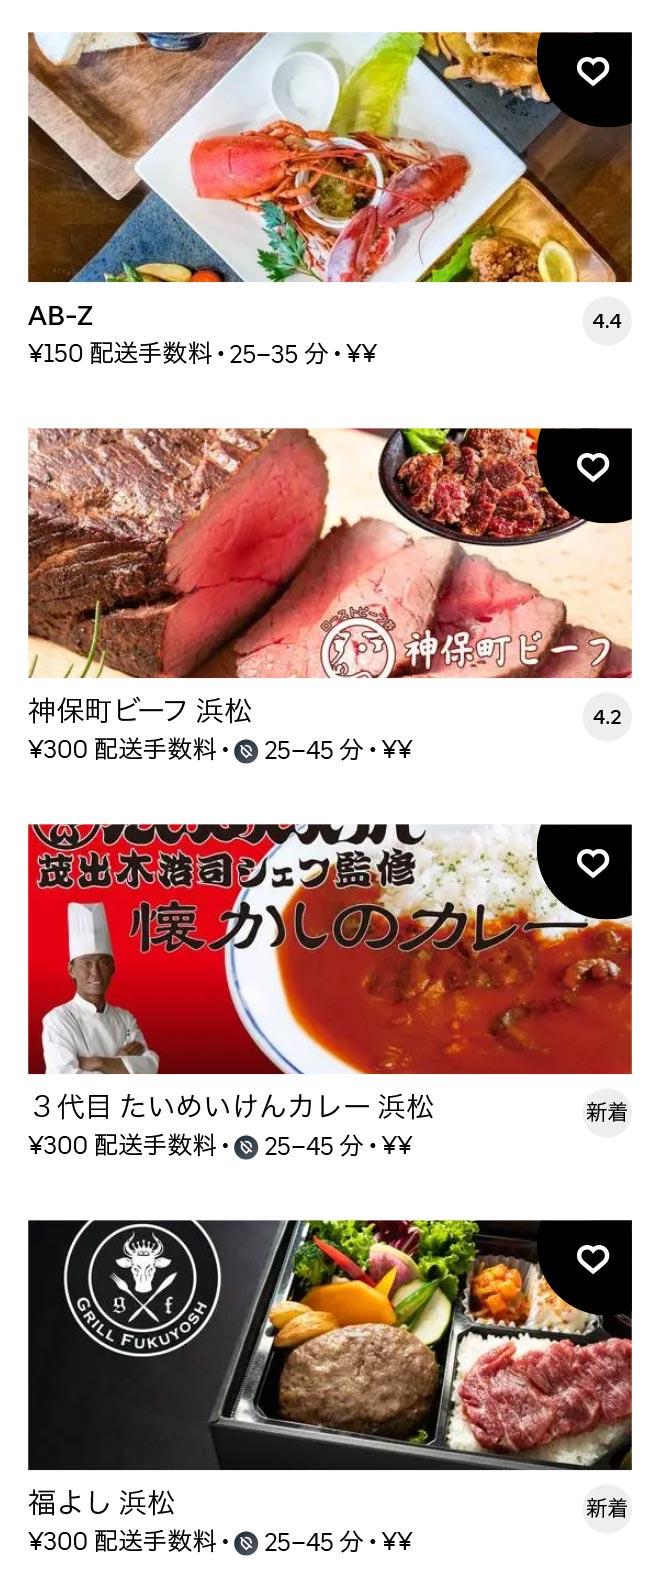 Hikuma menu 2011 09